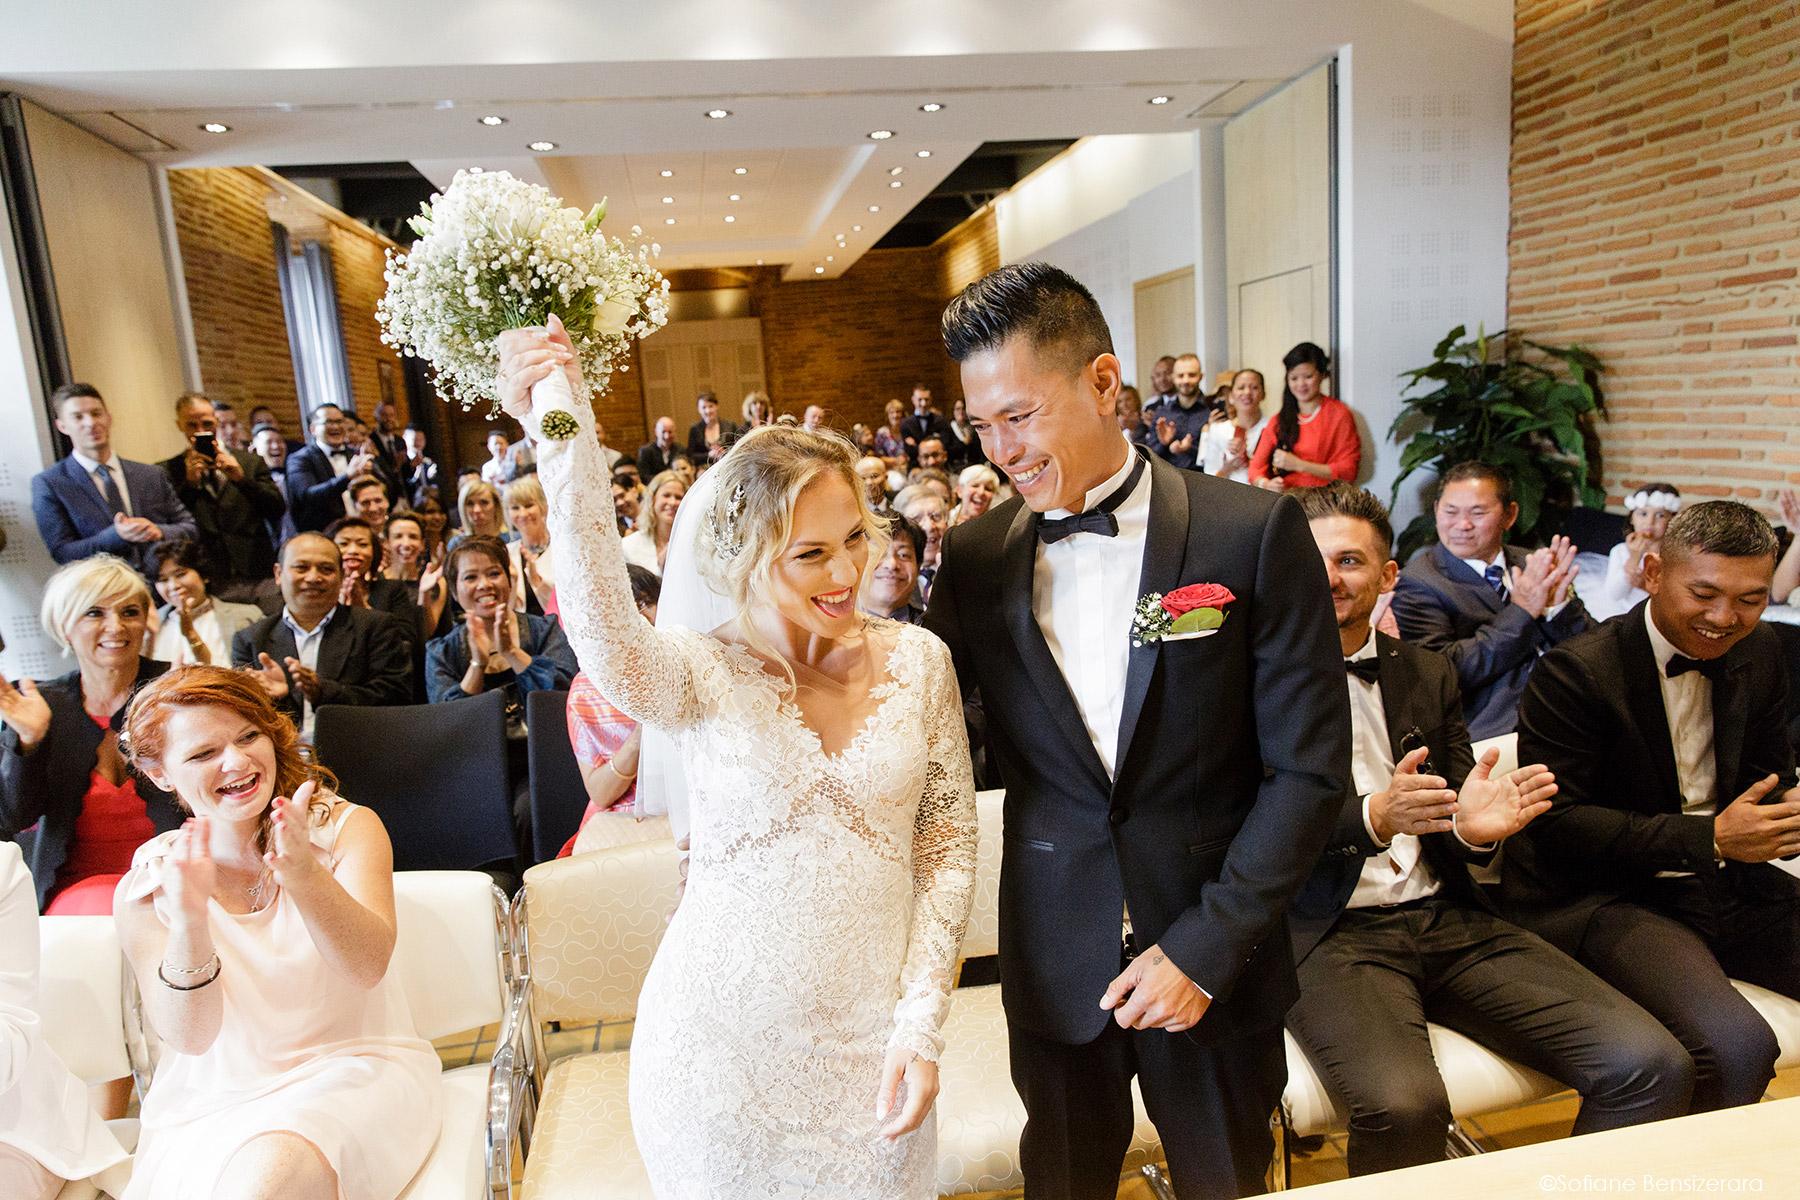 Mariage de Jennifer & Kham à Tournefeuille 13 ceremonie civile mariage toulouse